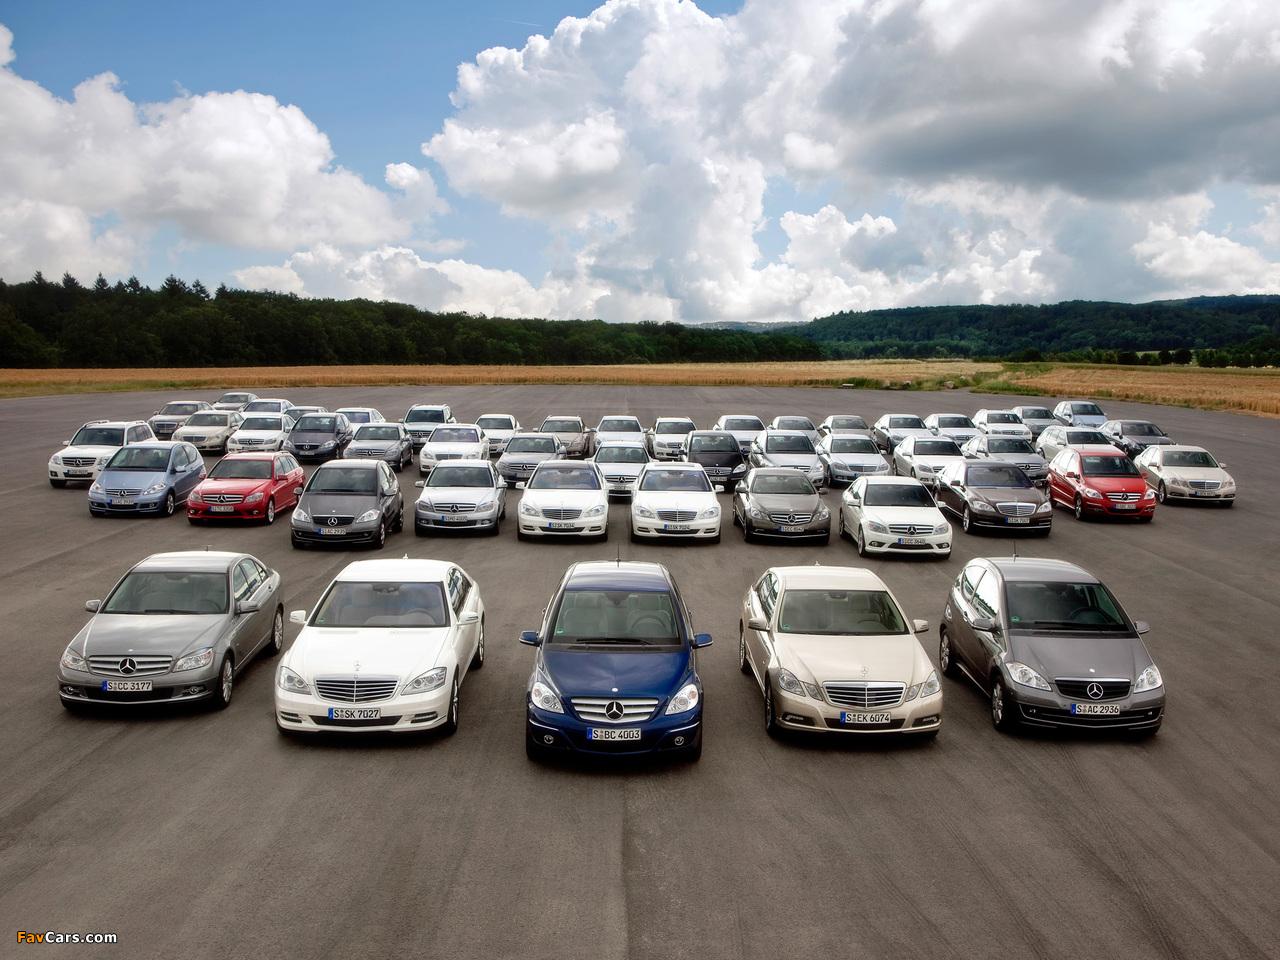 фото автомобилей по маркам и модельному ряду #3